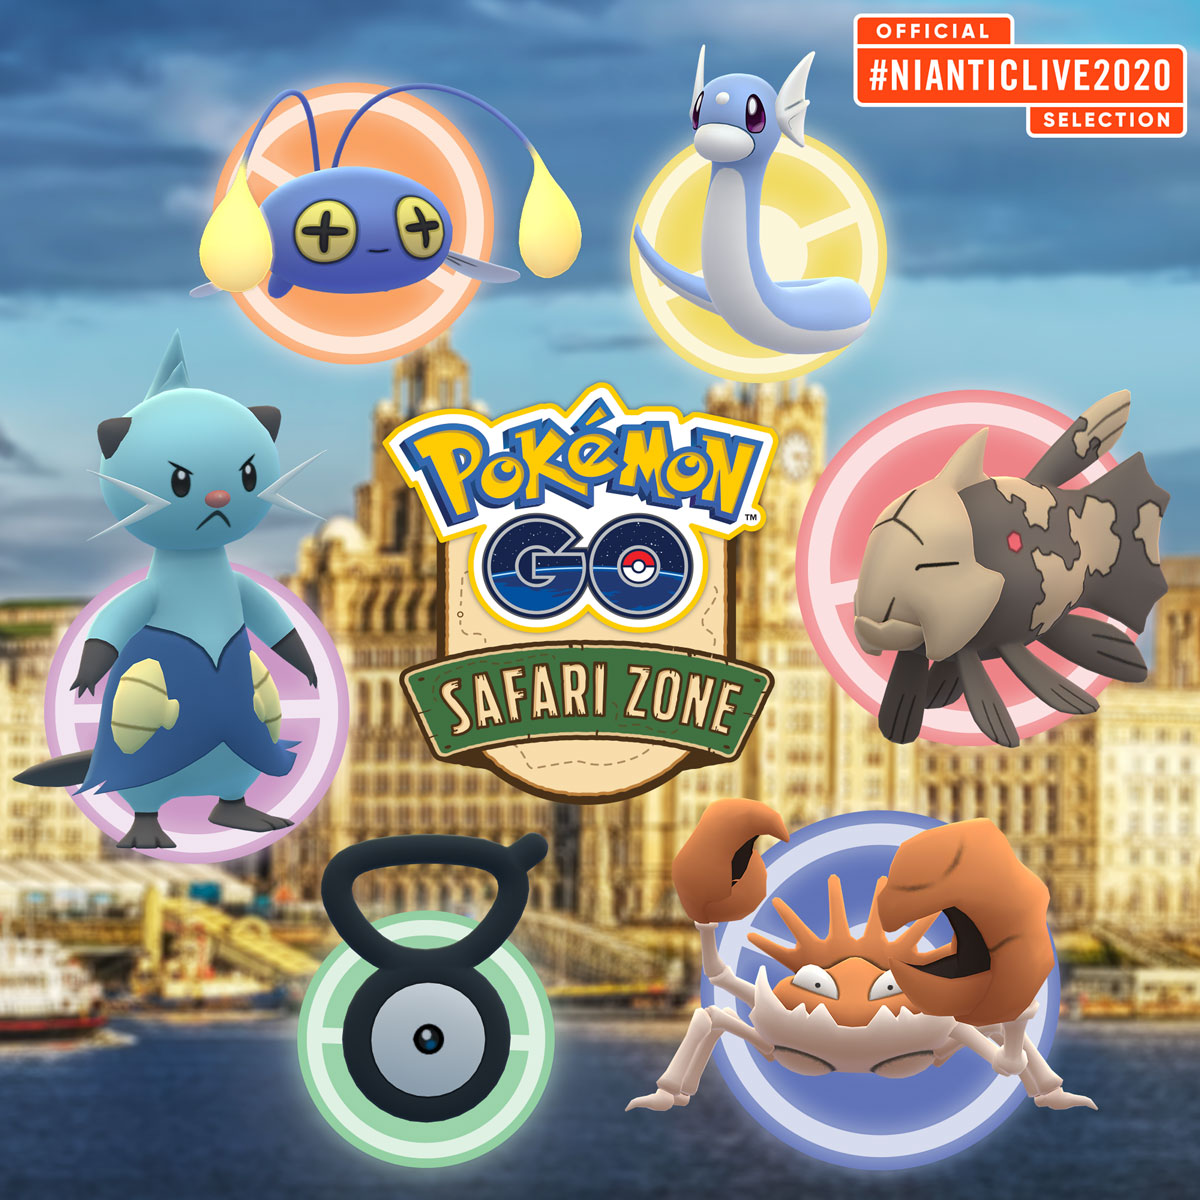 Événement de Pokémon GO Safari Zone (Liverpool)